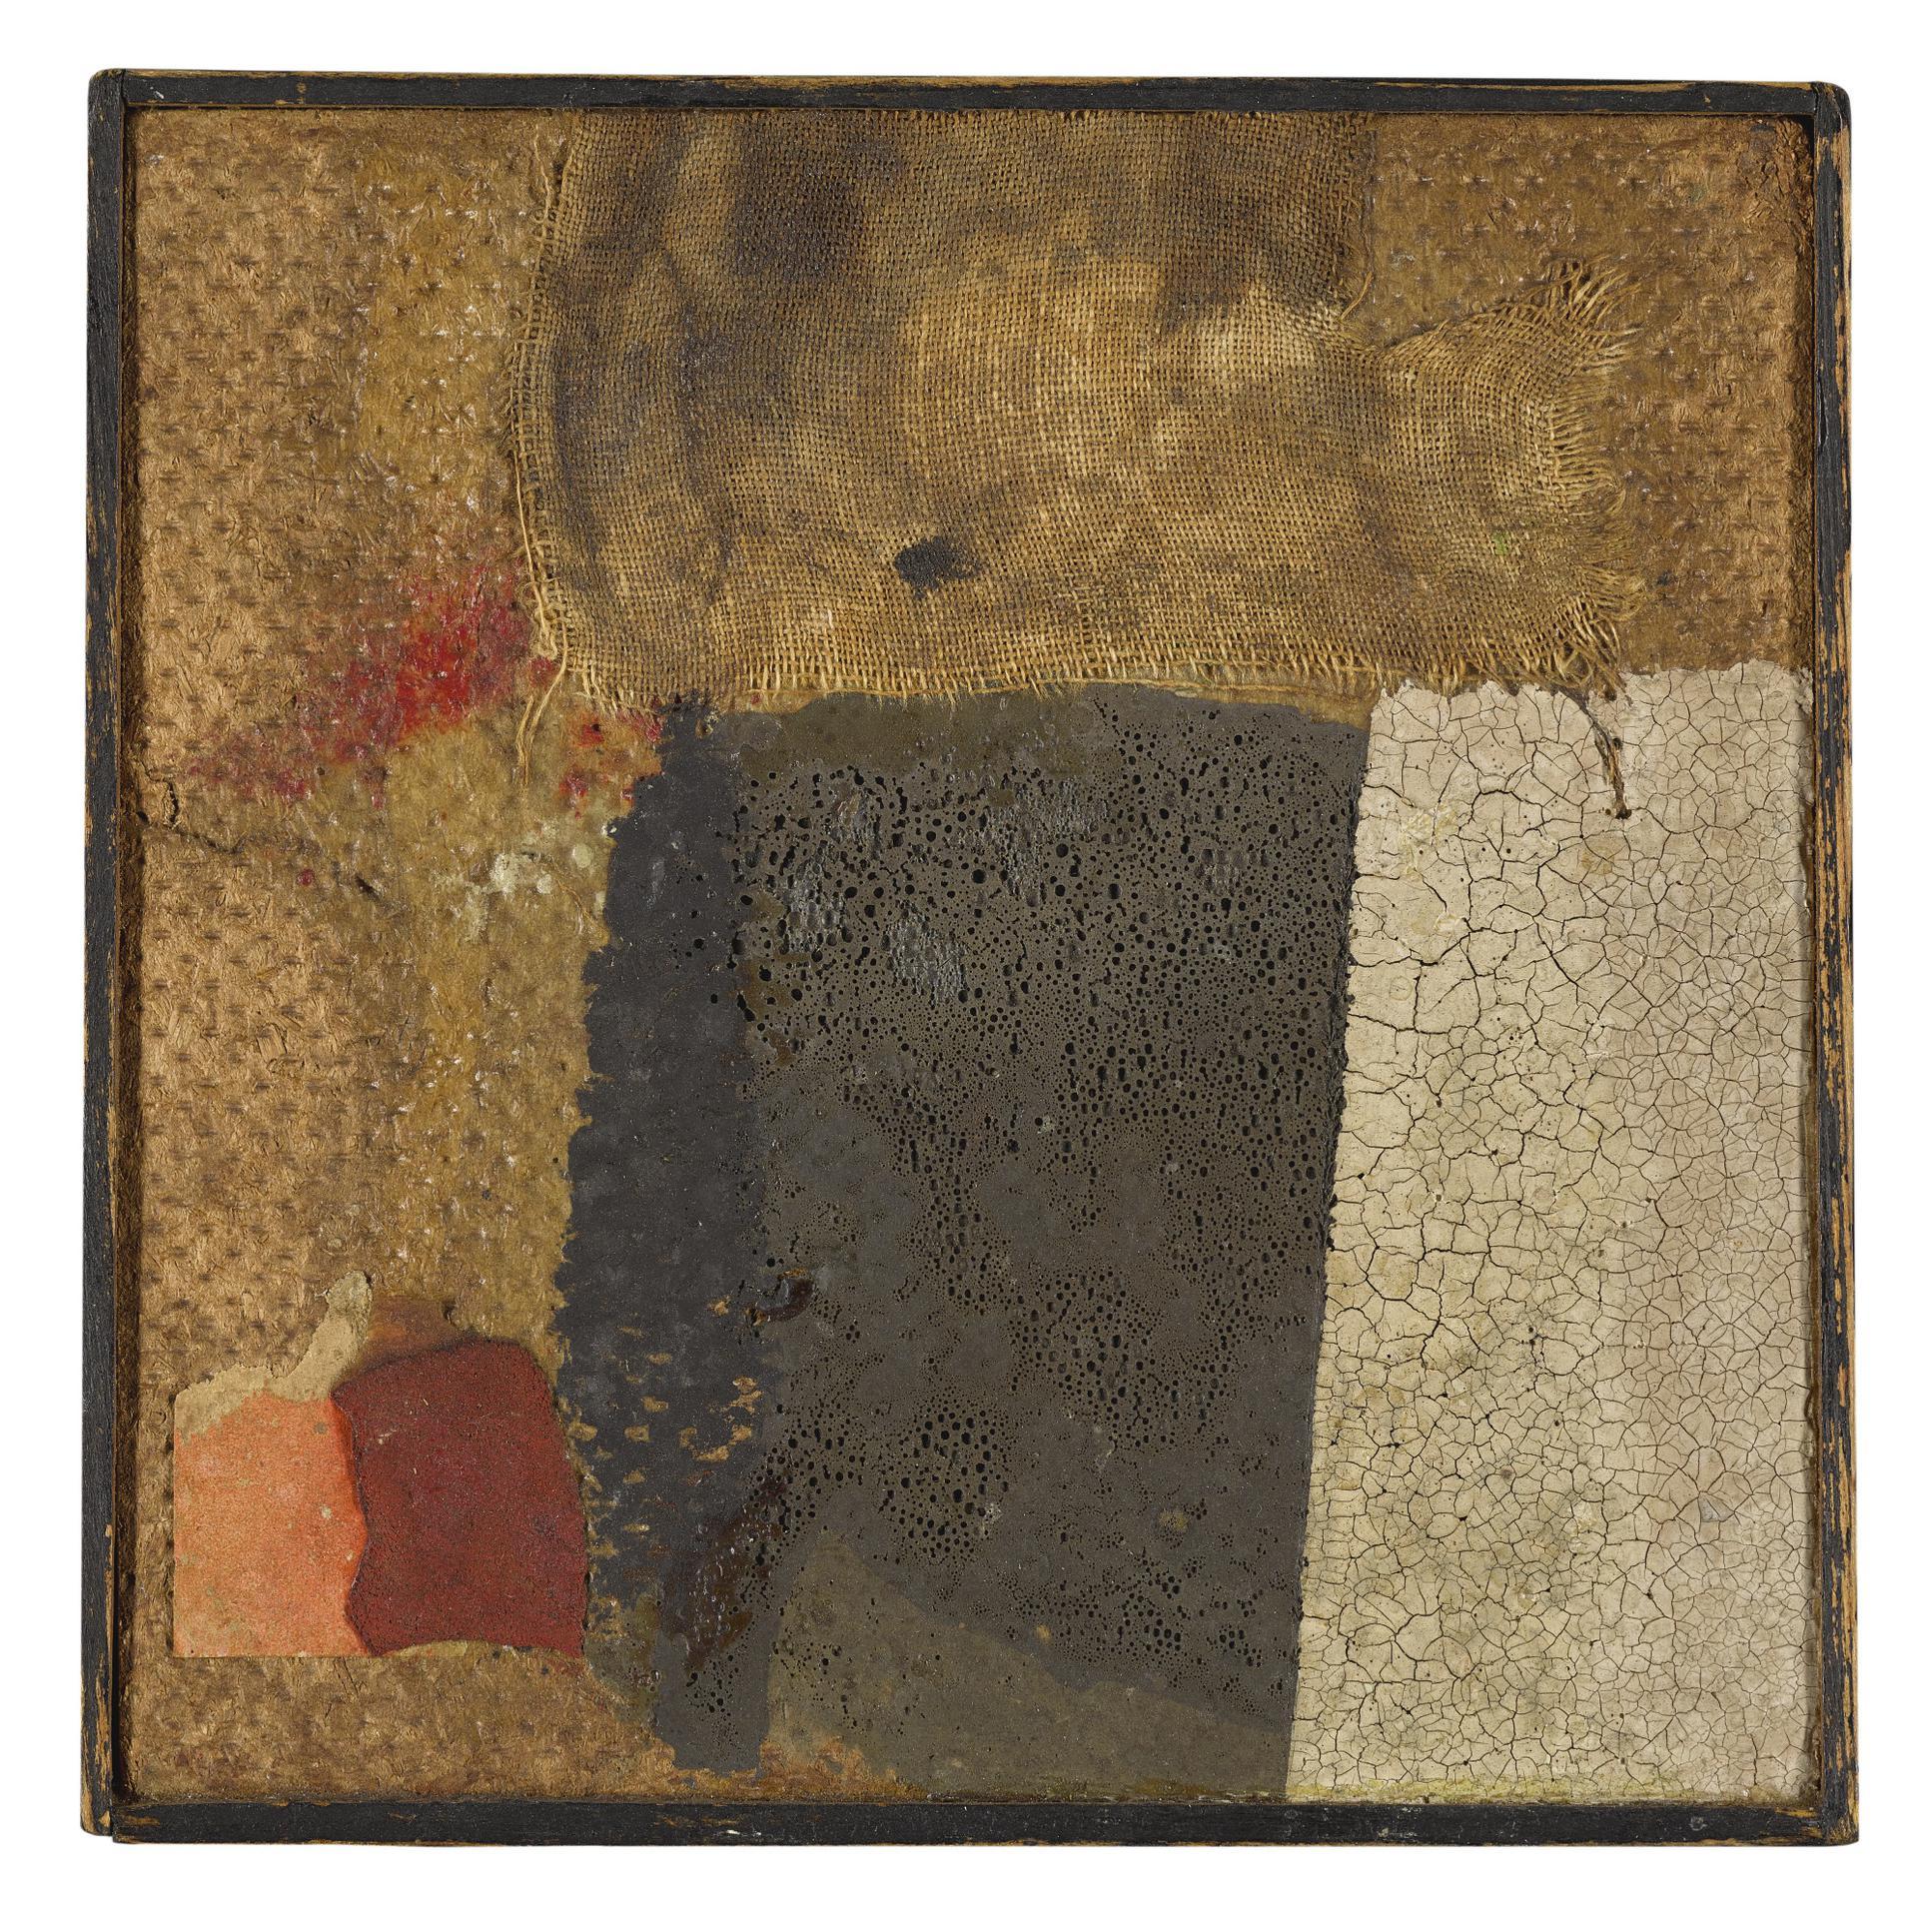 Alberto Burri-Untitled-1955